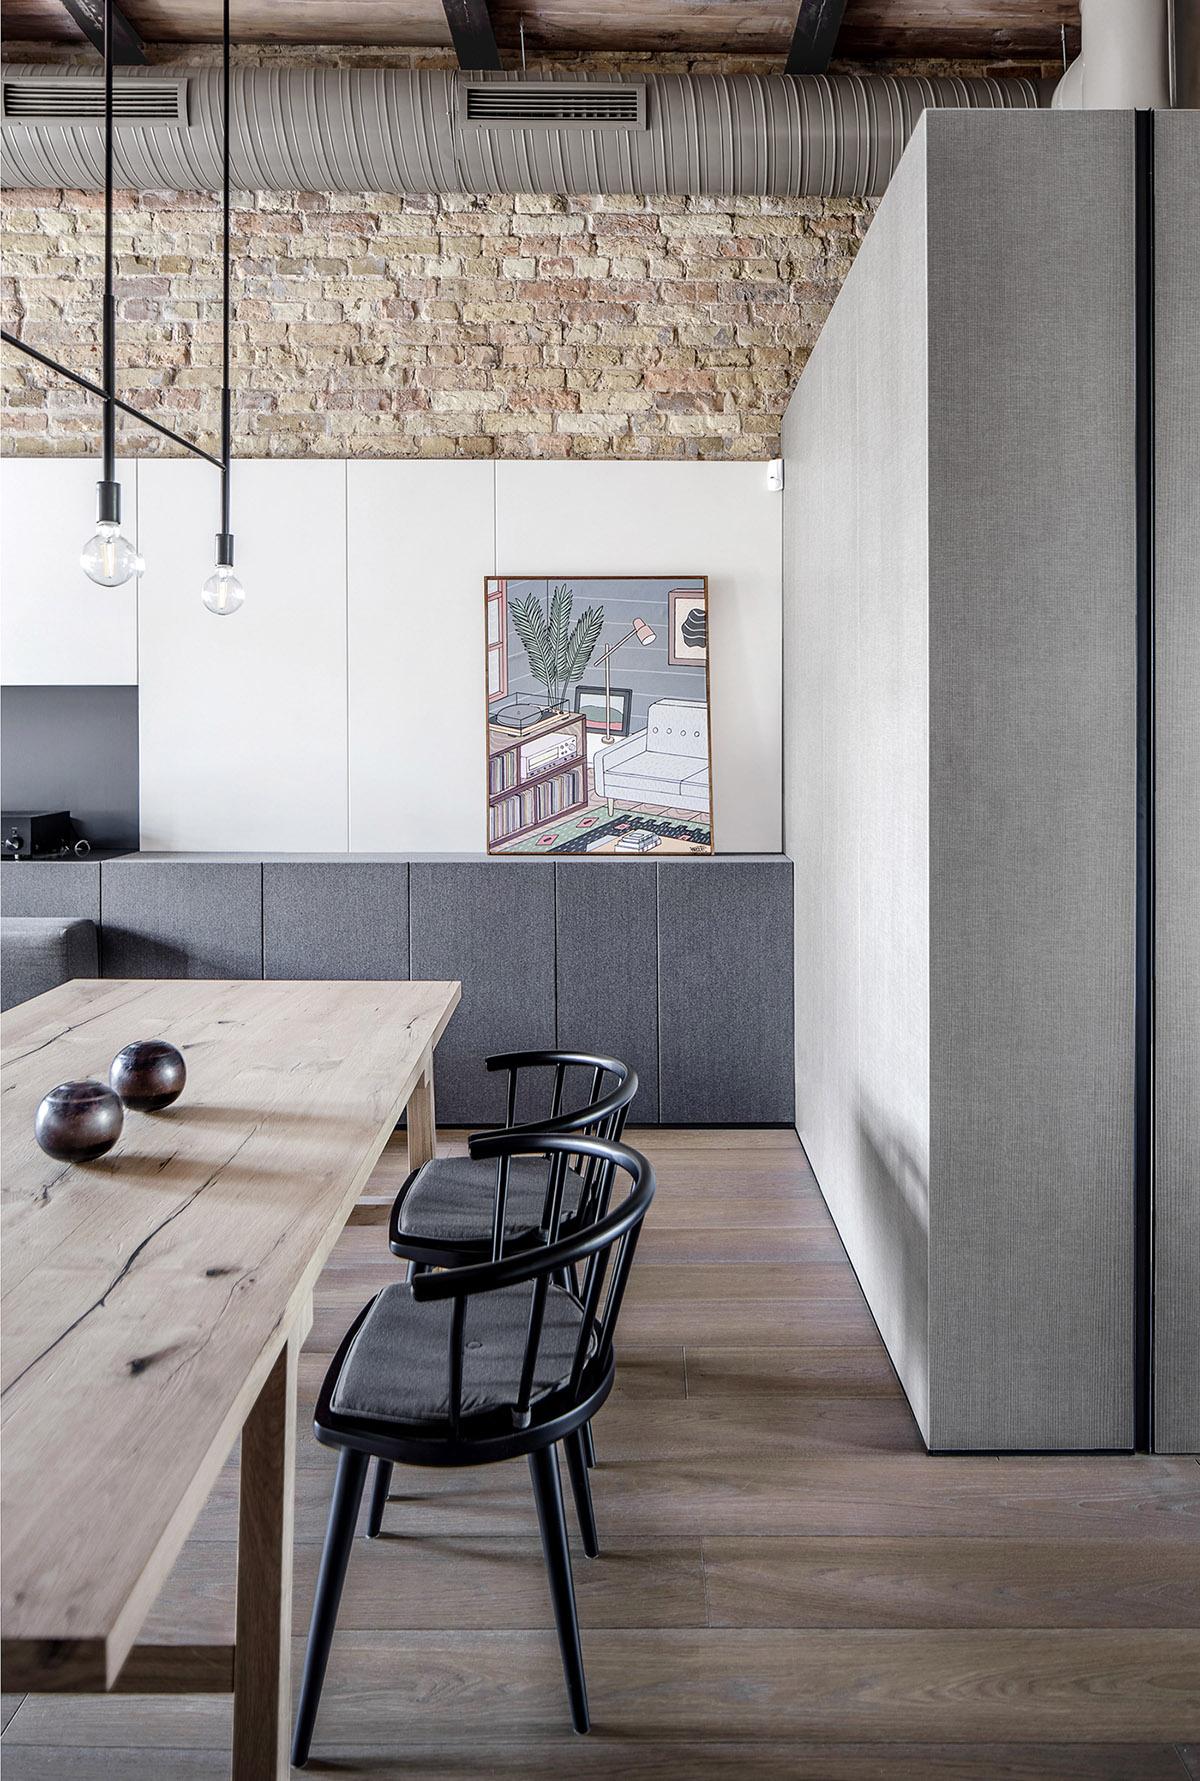 基辅180平米开放式空间的复古风复式住宅设计